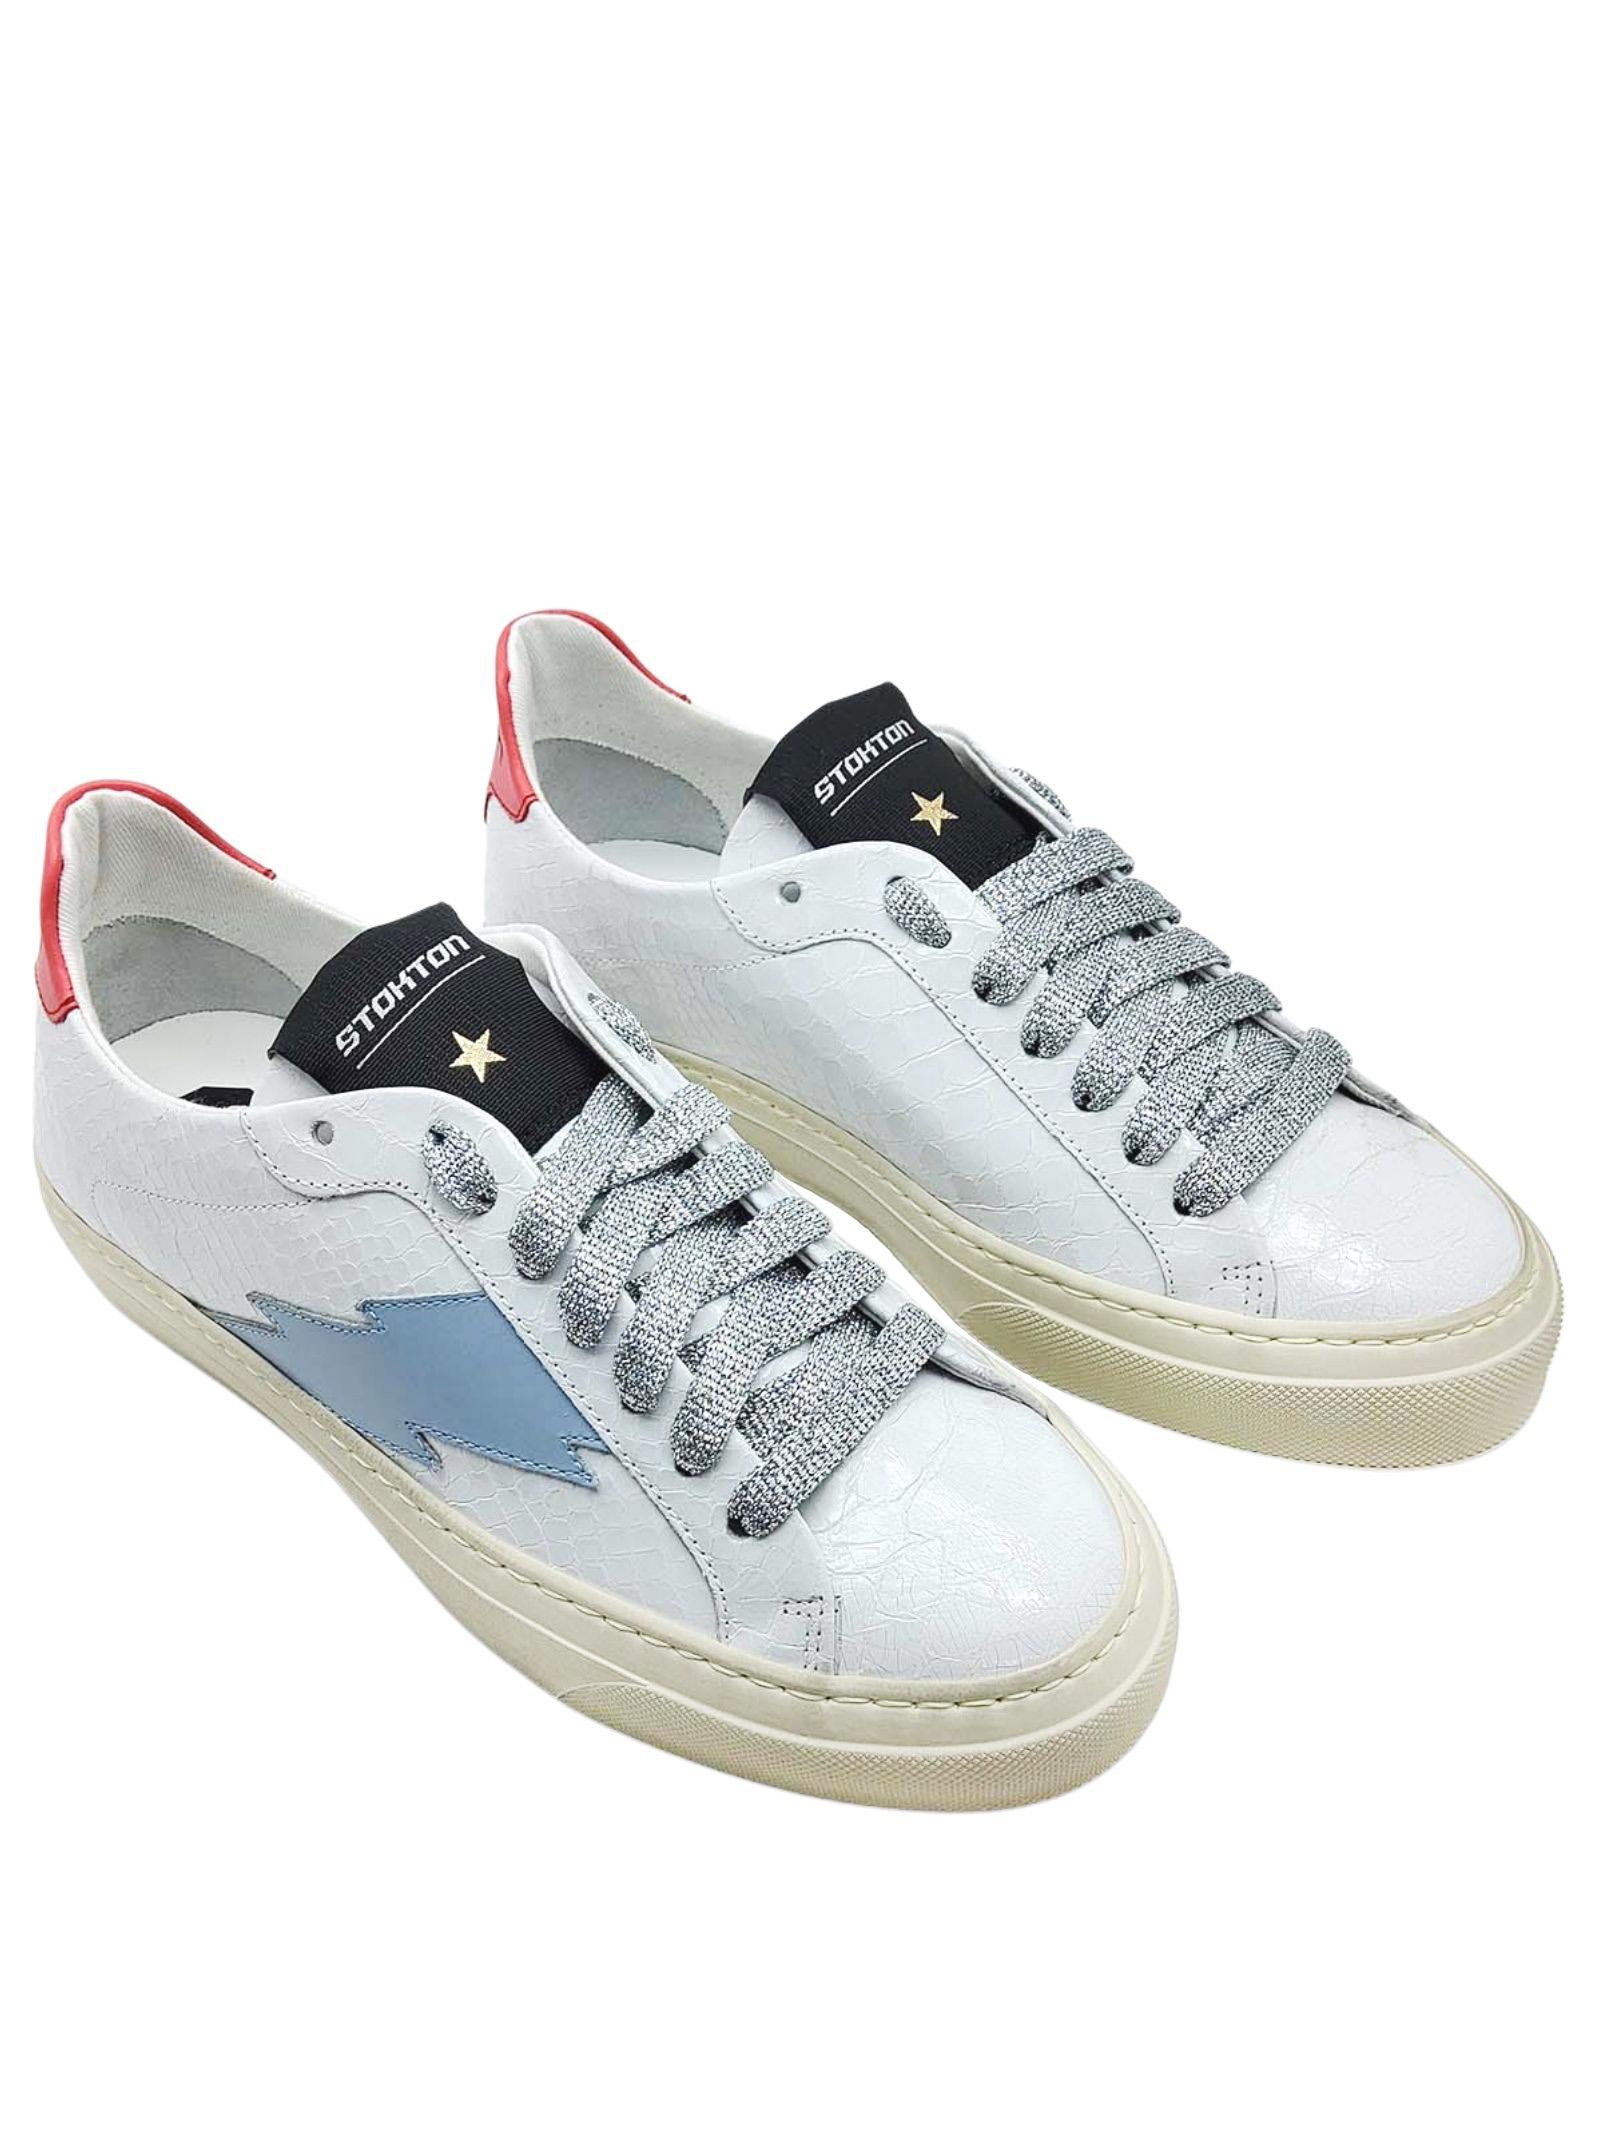 Calzature Donna Sneakers in Pelle Stampa Pitone Bianco Opaco con Logo Laterale e Fondo Vintage in Gomma Stokton   Sneakers   BLAZE-D100